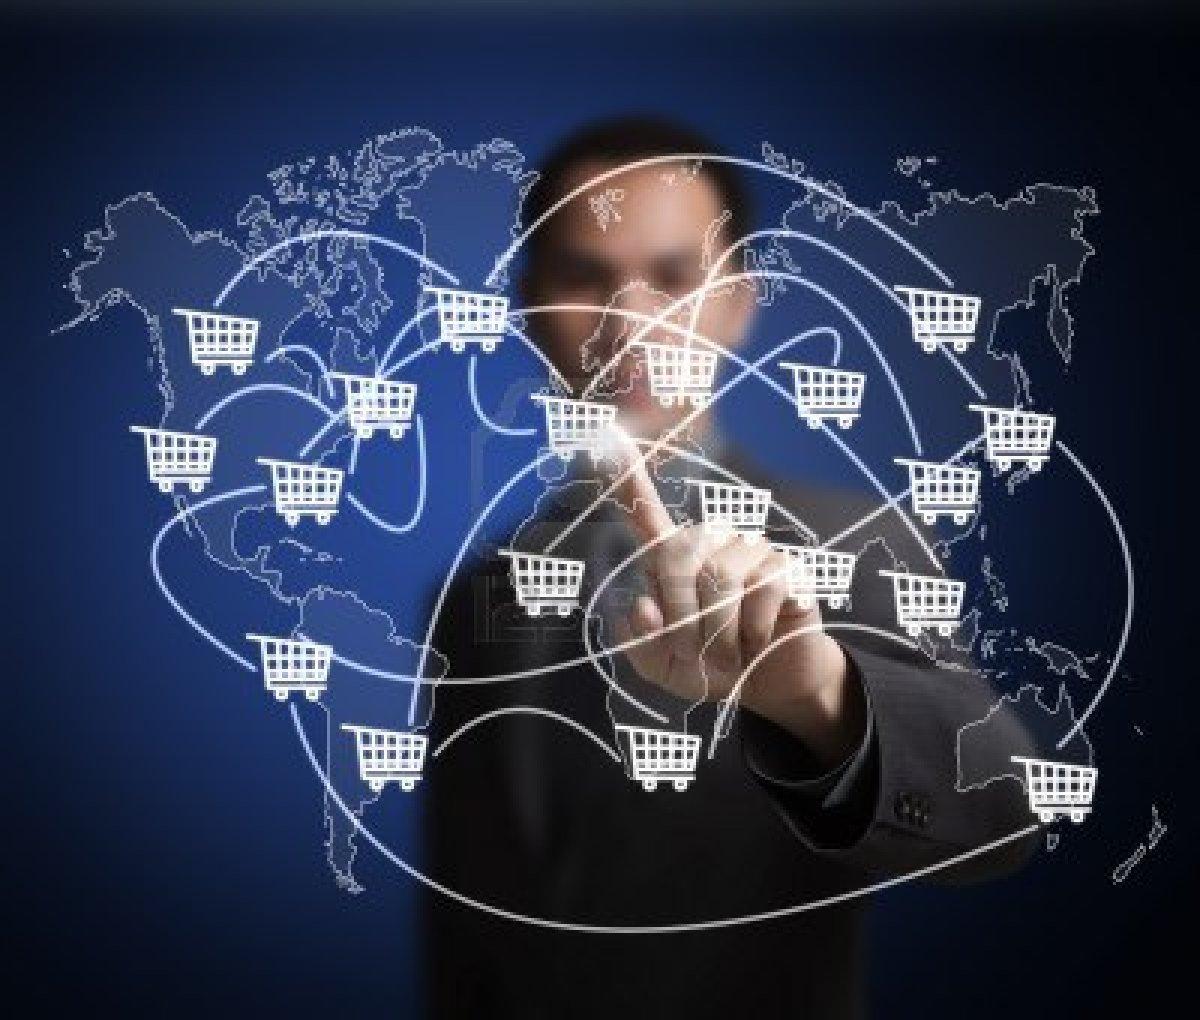 Քննարկվել են Հայաստանում էլեկտրոնային առևտրի զարգացման խնդիրները